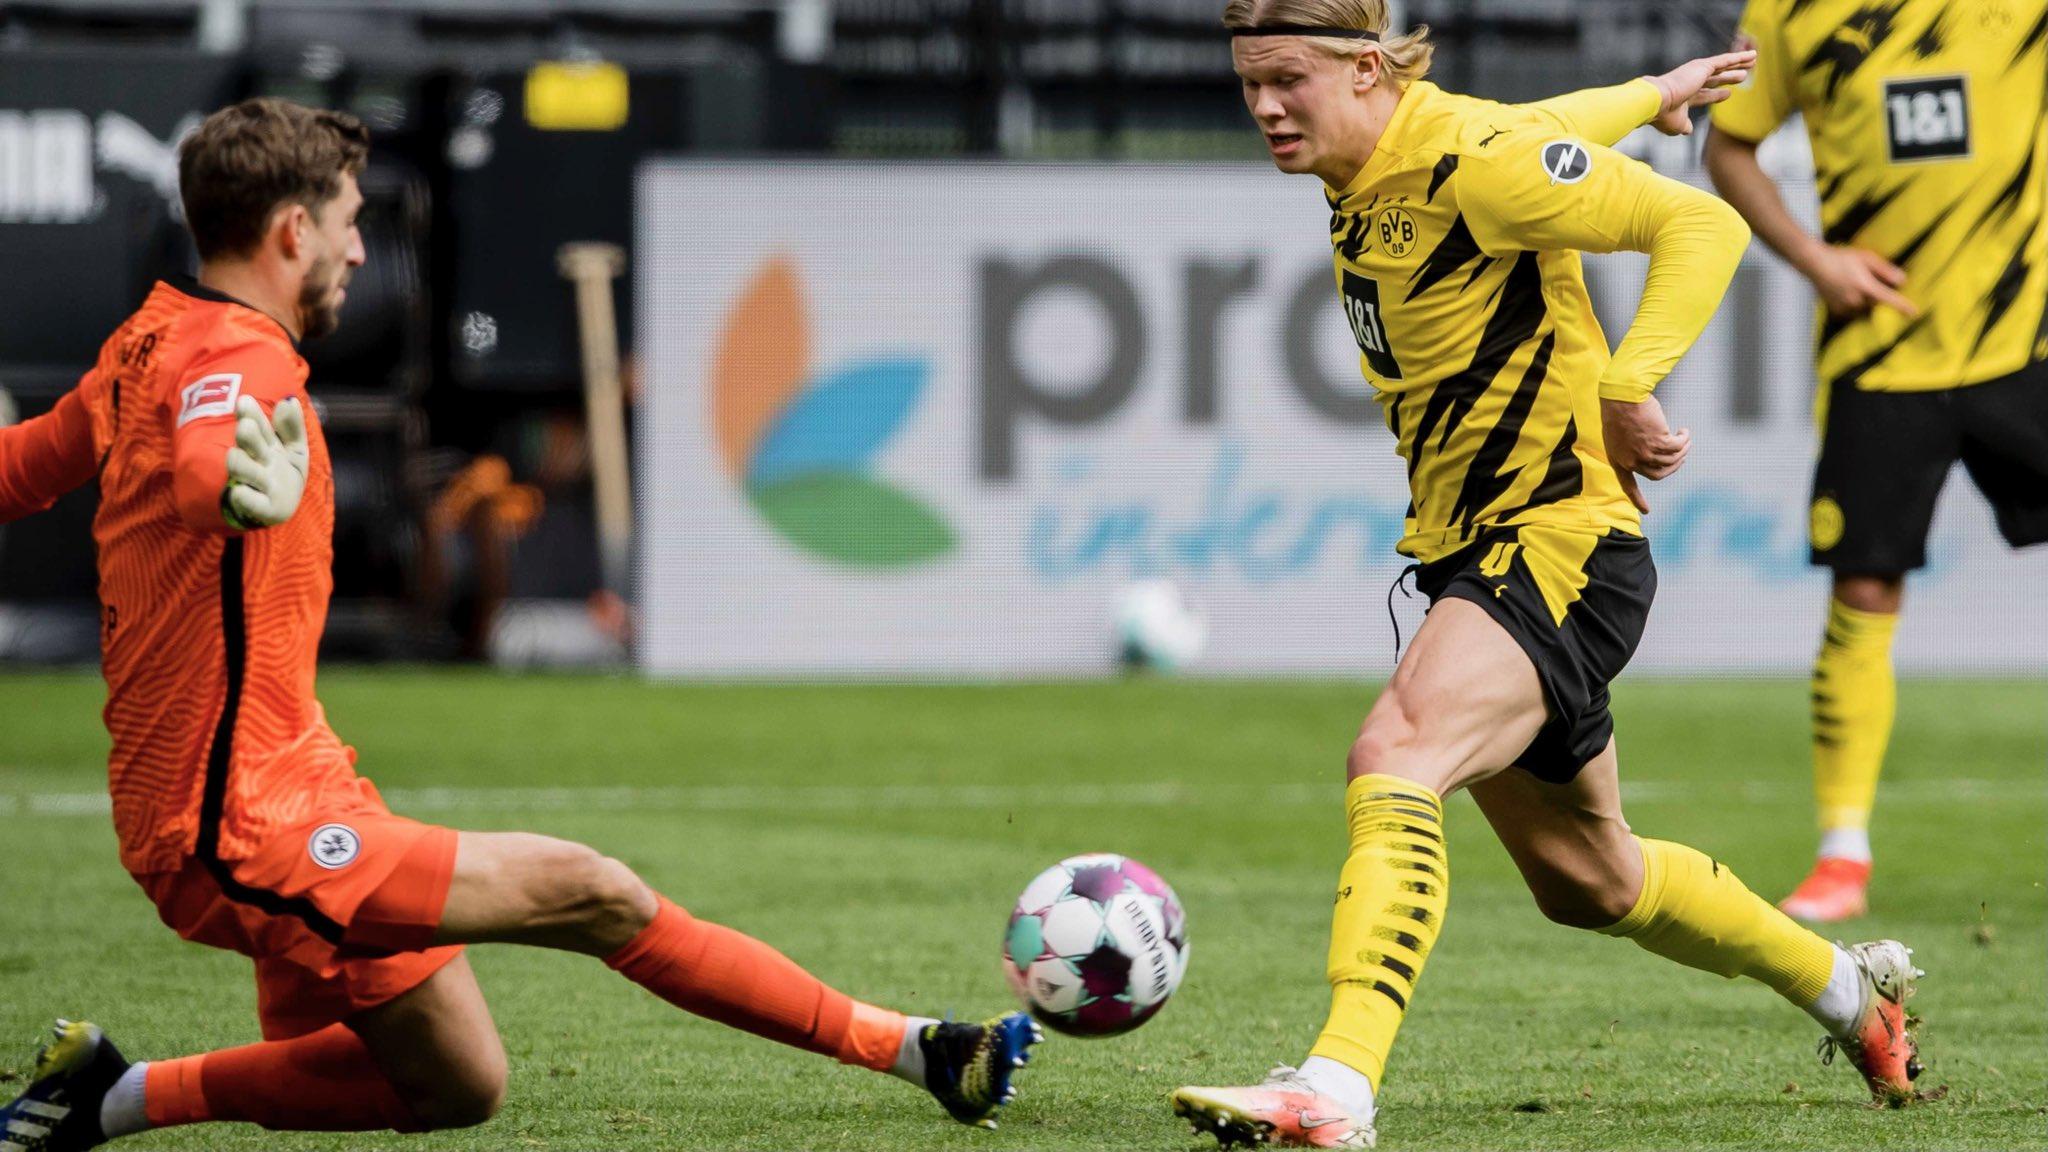 ฮาลันด์แสดงอาการว้าวุ่นใจเมื่อเร็ว ๆ นี้และความล้มเหลวในการทำประตูของเขาอาจทำให้ความหวังของดอร์ทมุนด์ในการไปแชมเปี้ยนส์ลีกน้อยลงเรื่อย ๆ ในฤดูกาลหน้า  ภาพ: Twitter / Dortmund